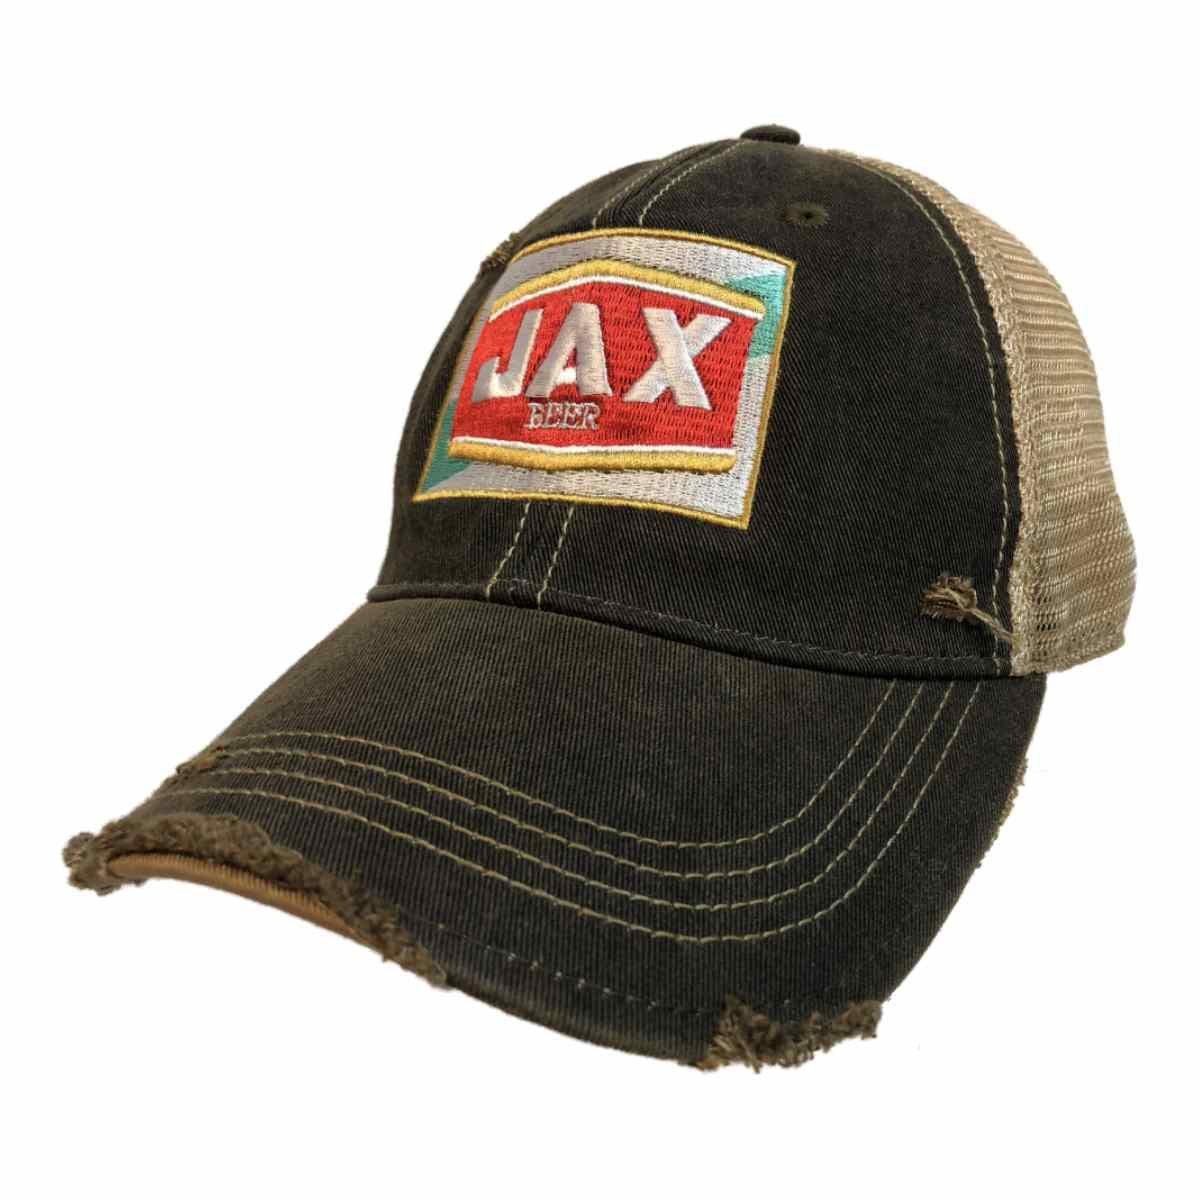 4d77c7a5d09 Amazon.com  Jax Beer Brewing Company Retro Brand Vintage Mesh Adjustable Snapback  Hat Cap  Sports   Outdoors